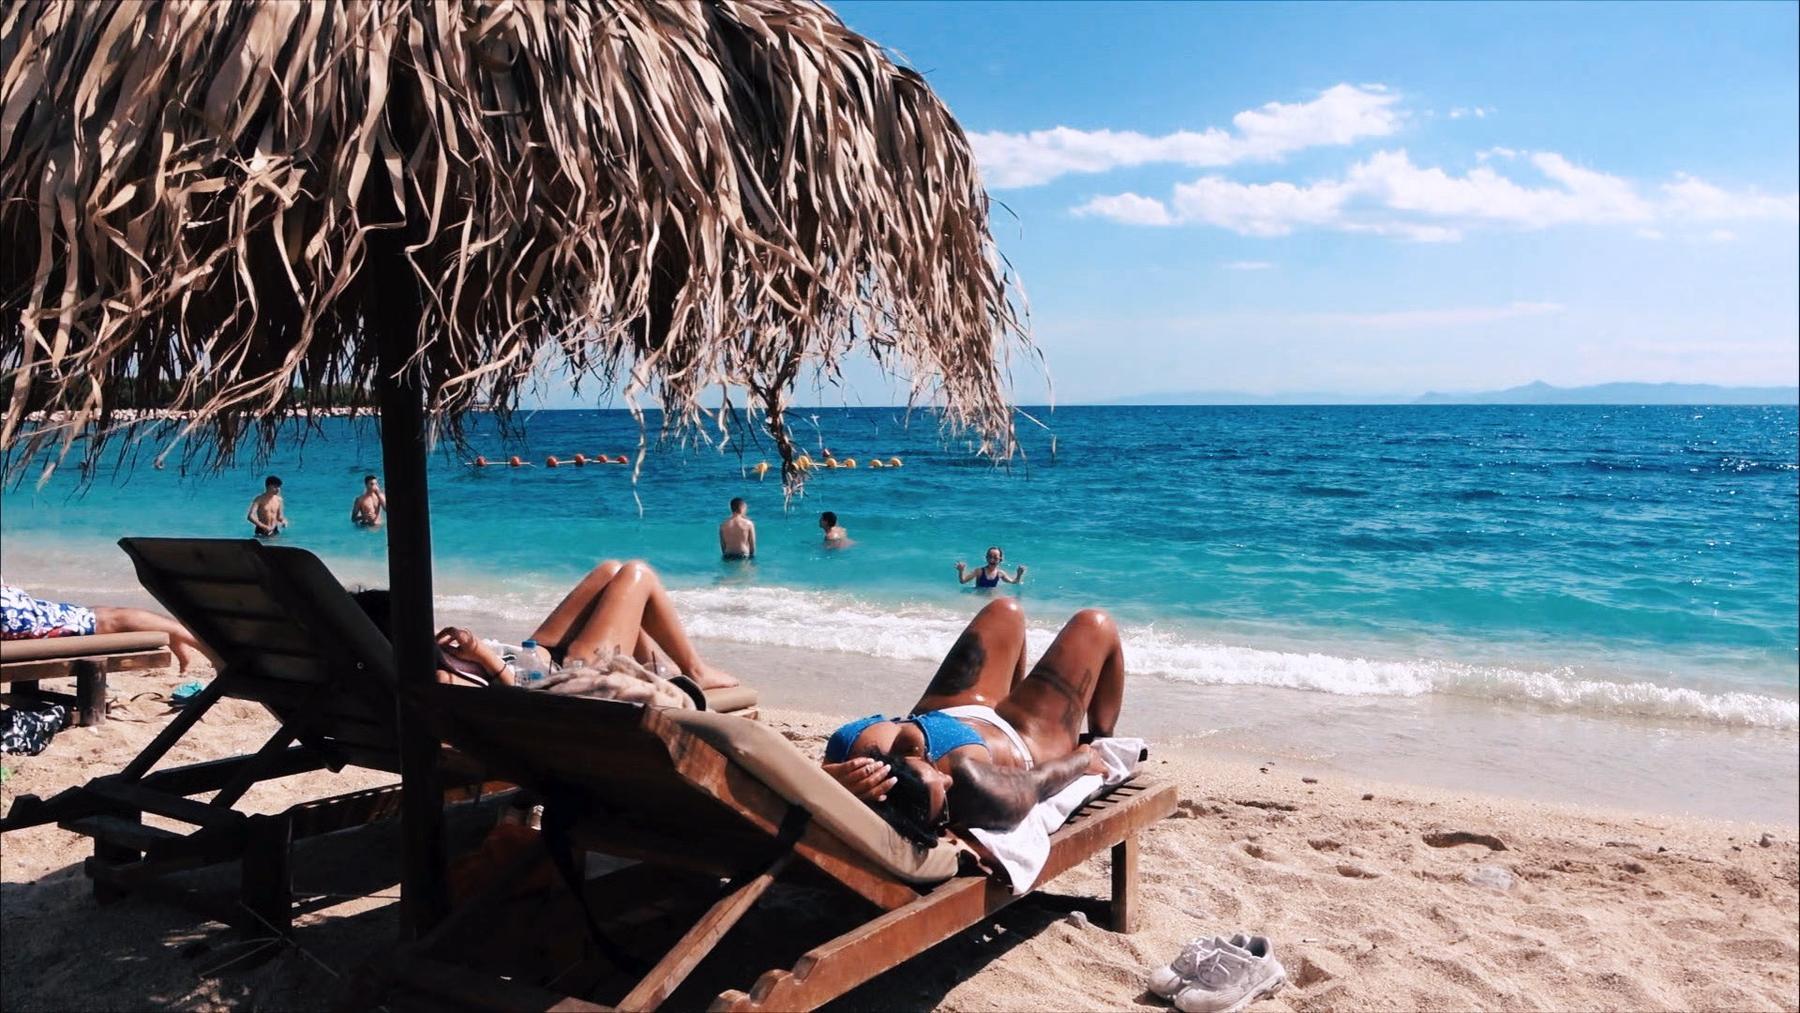 Endlich wieder Urlaub! - Reisen in der Corona-Krise